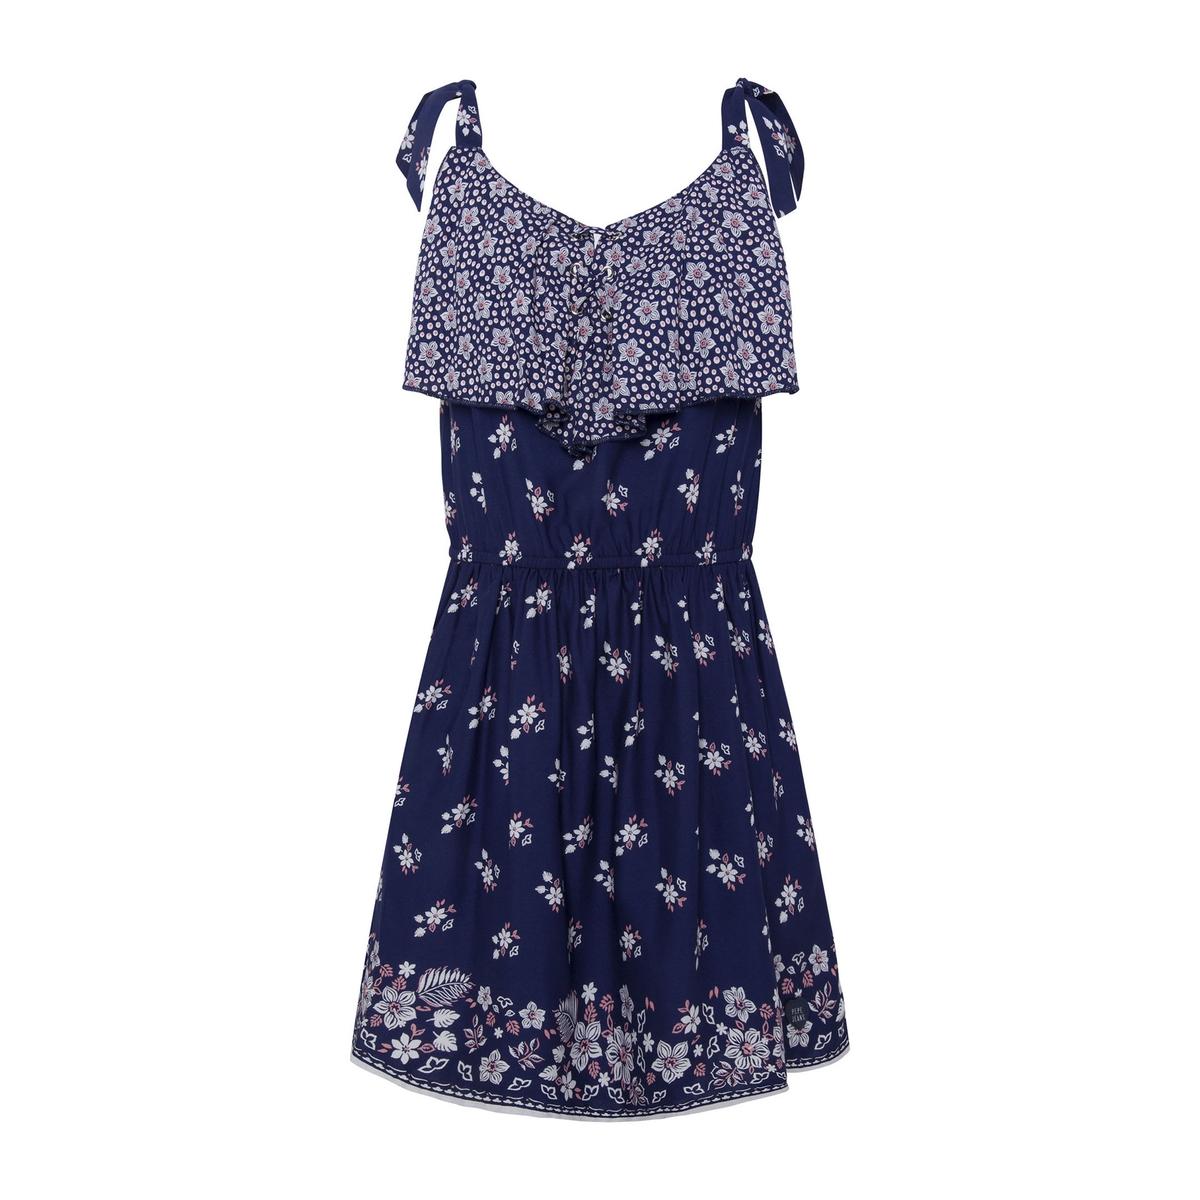 Платье La Redoute С цветочным рисунком на бретелях 16 лет - 162 см синий рубашка la redoute из ткани оксфорд 16 лет 162 см синий